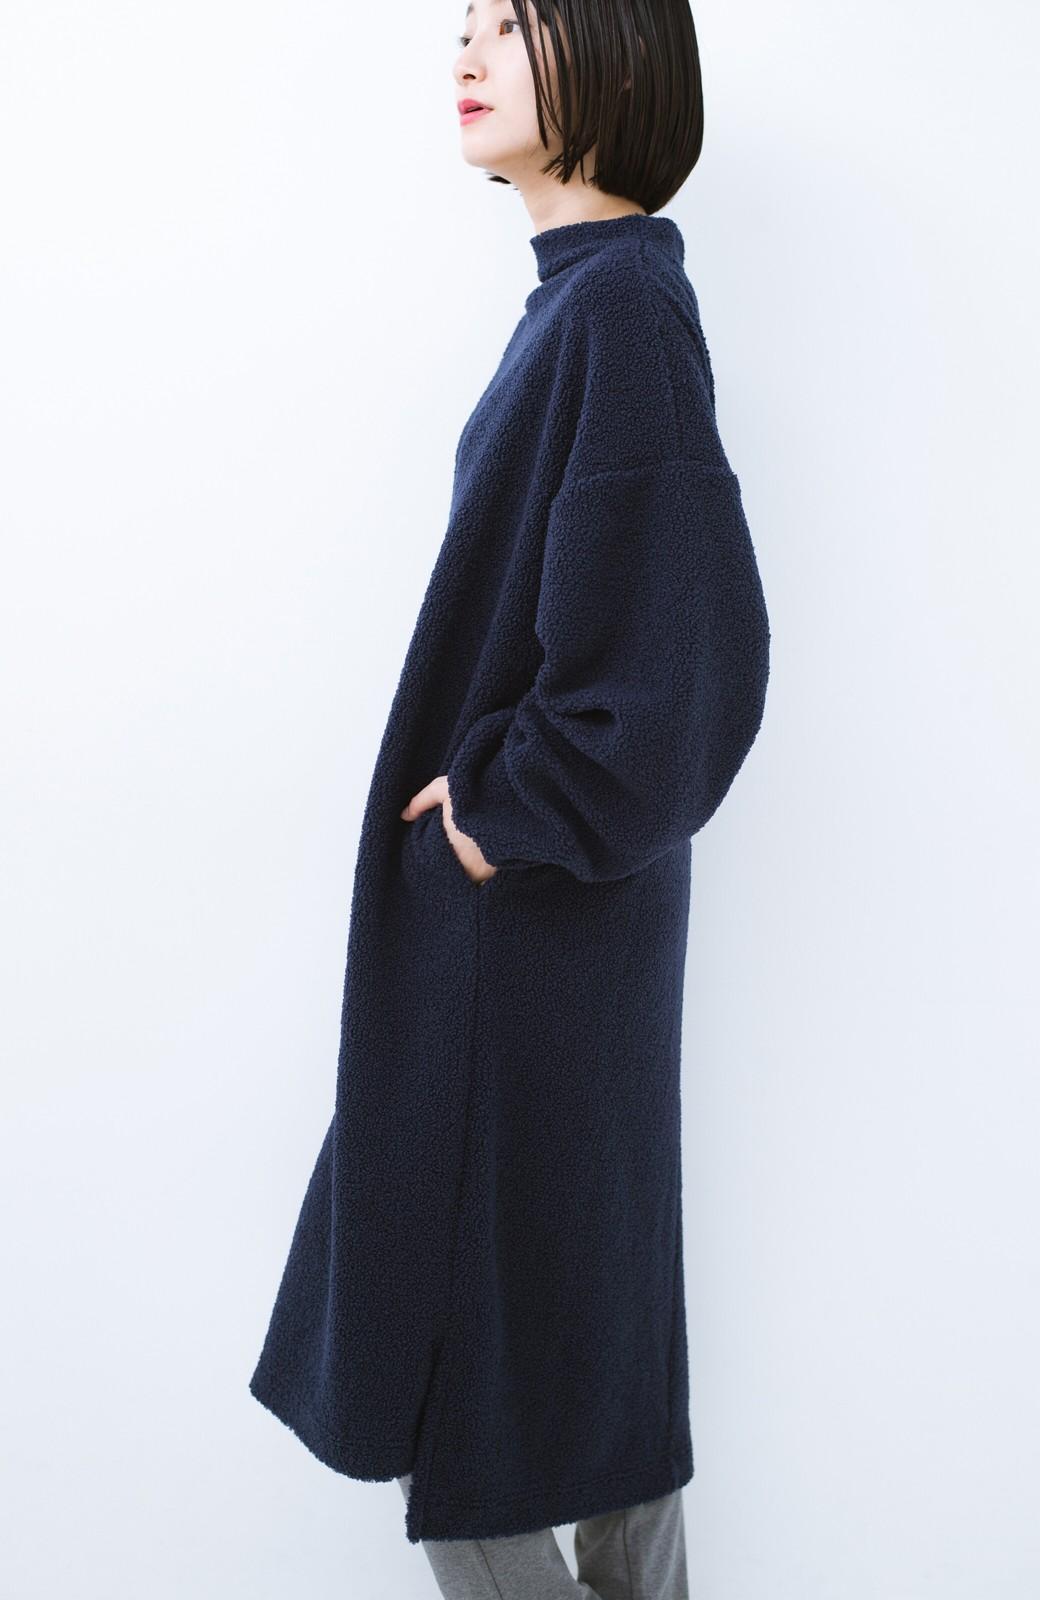 haco! むくみもすぽっと隠してくれる 楽ちんボアロングワンピ&裏起毛レギンスセット【まったり期~もやもや期】女の子バンザイ!プロジェクト  <ネイビー>の商品写真11